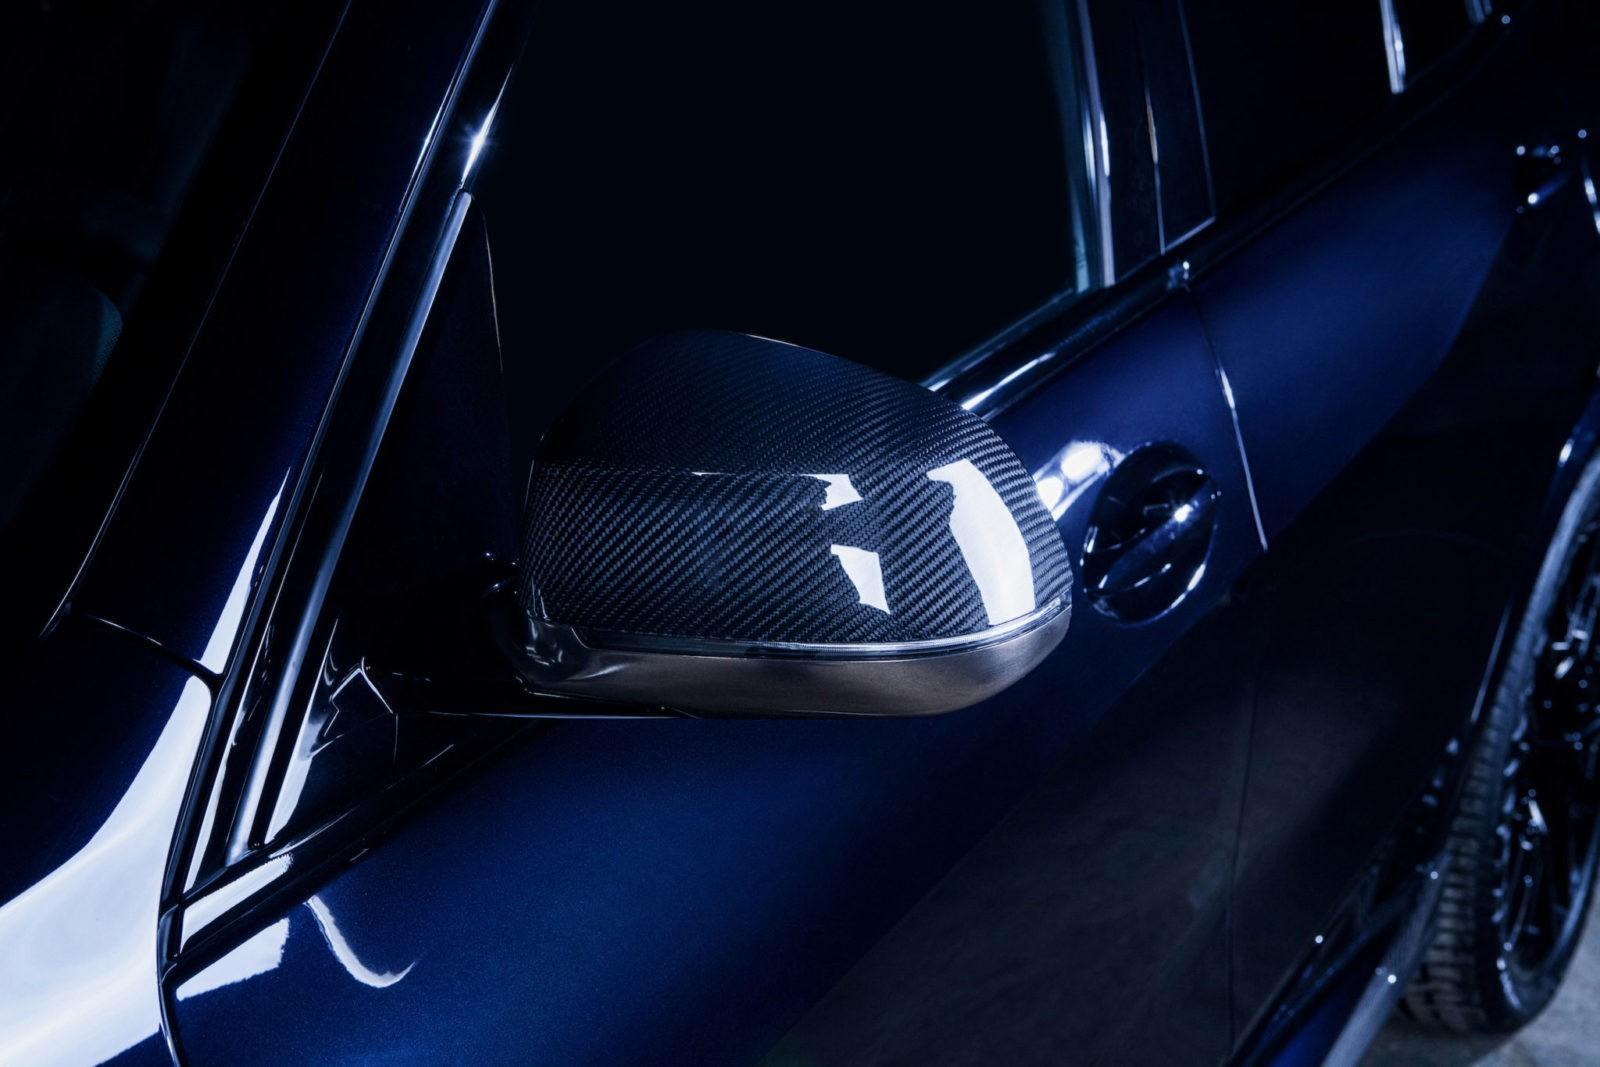 LARTE DESIGN BODY KIT FOR BMW X5(G05) NEW MODEL